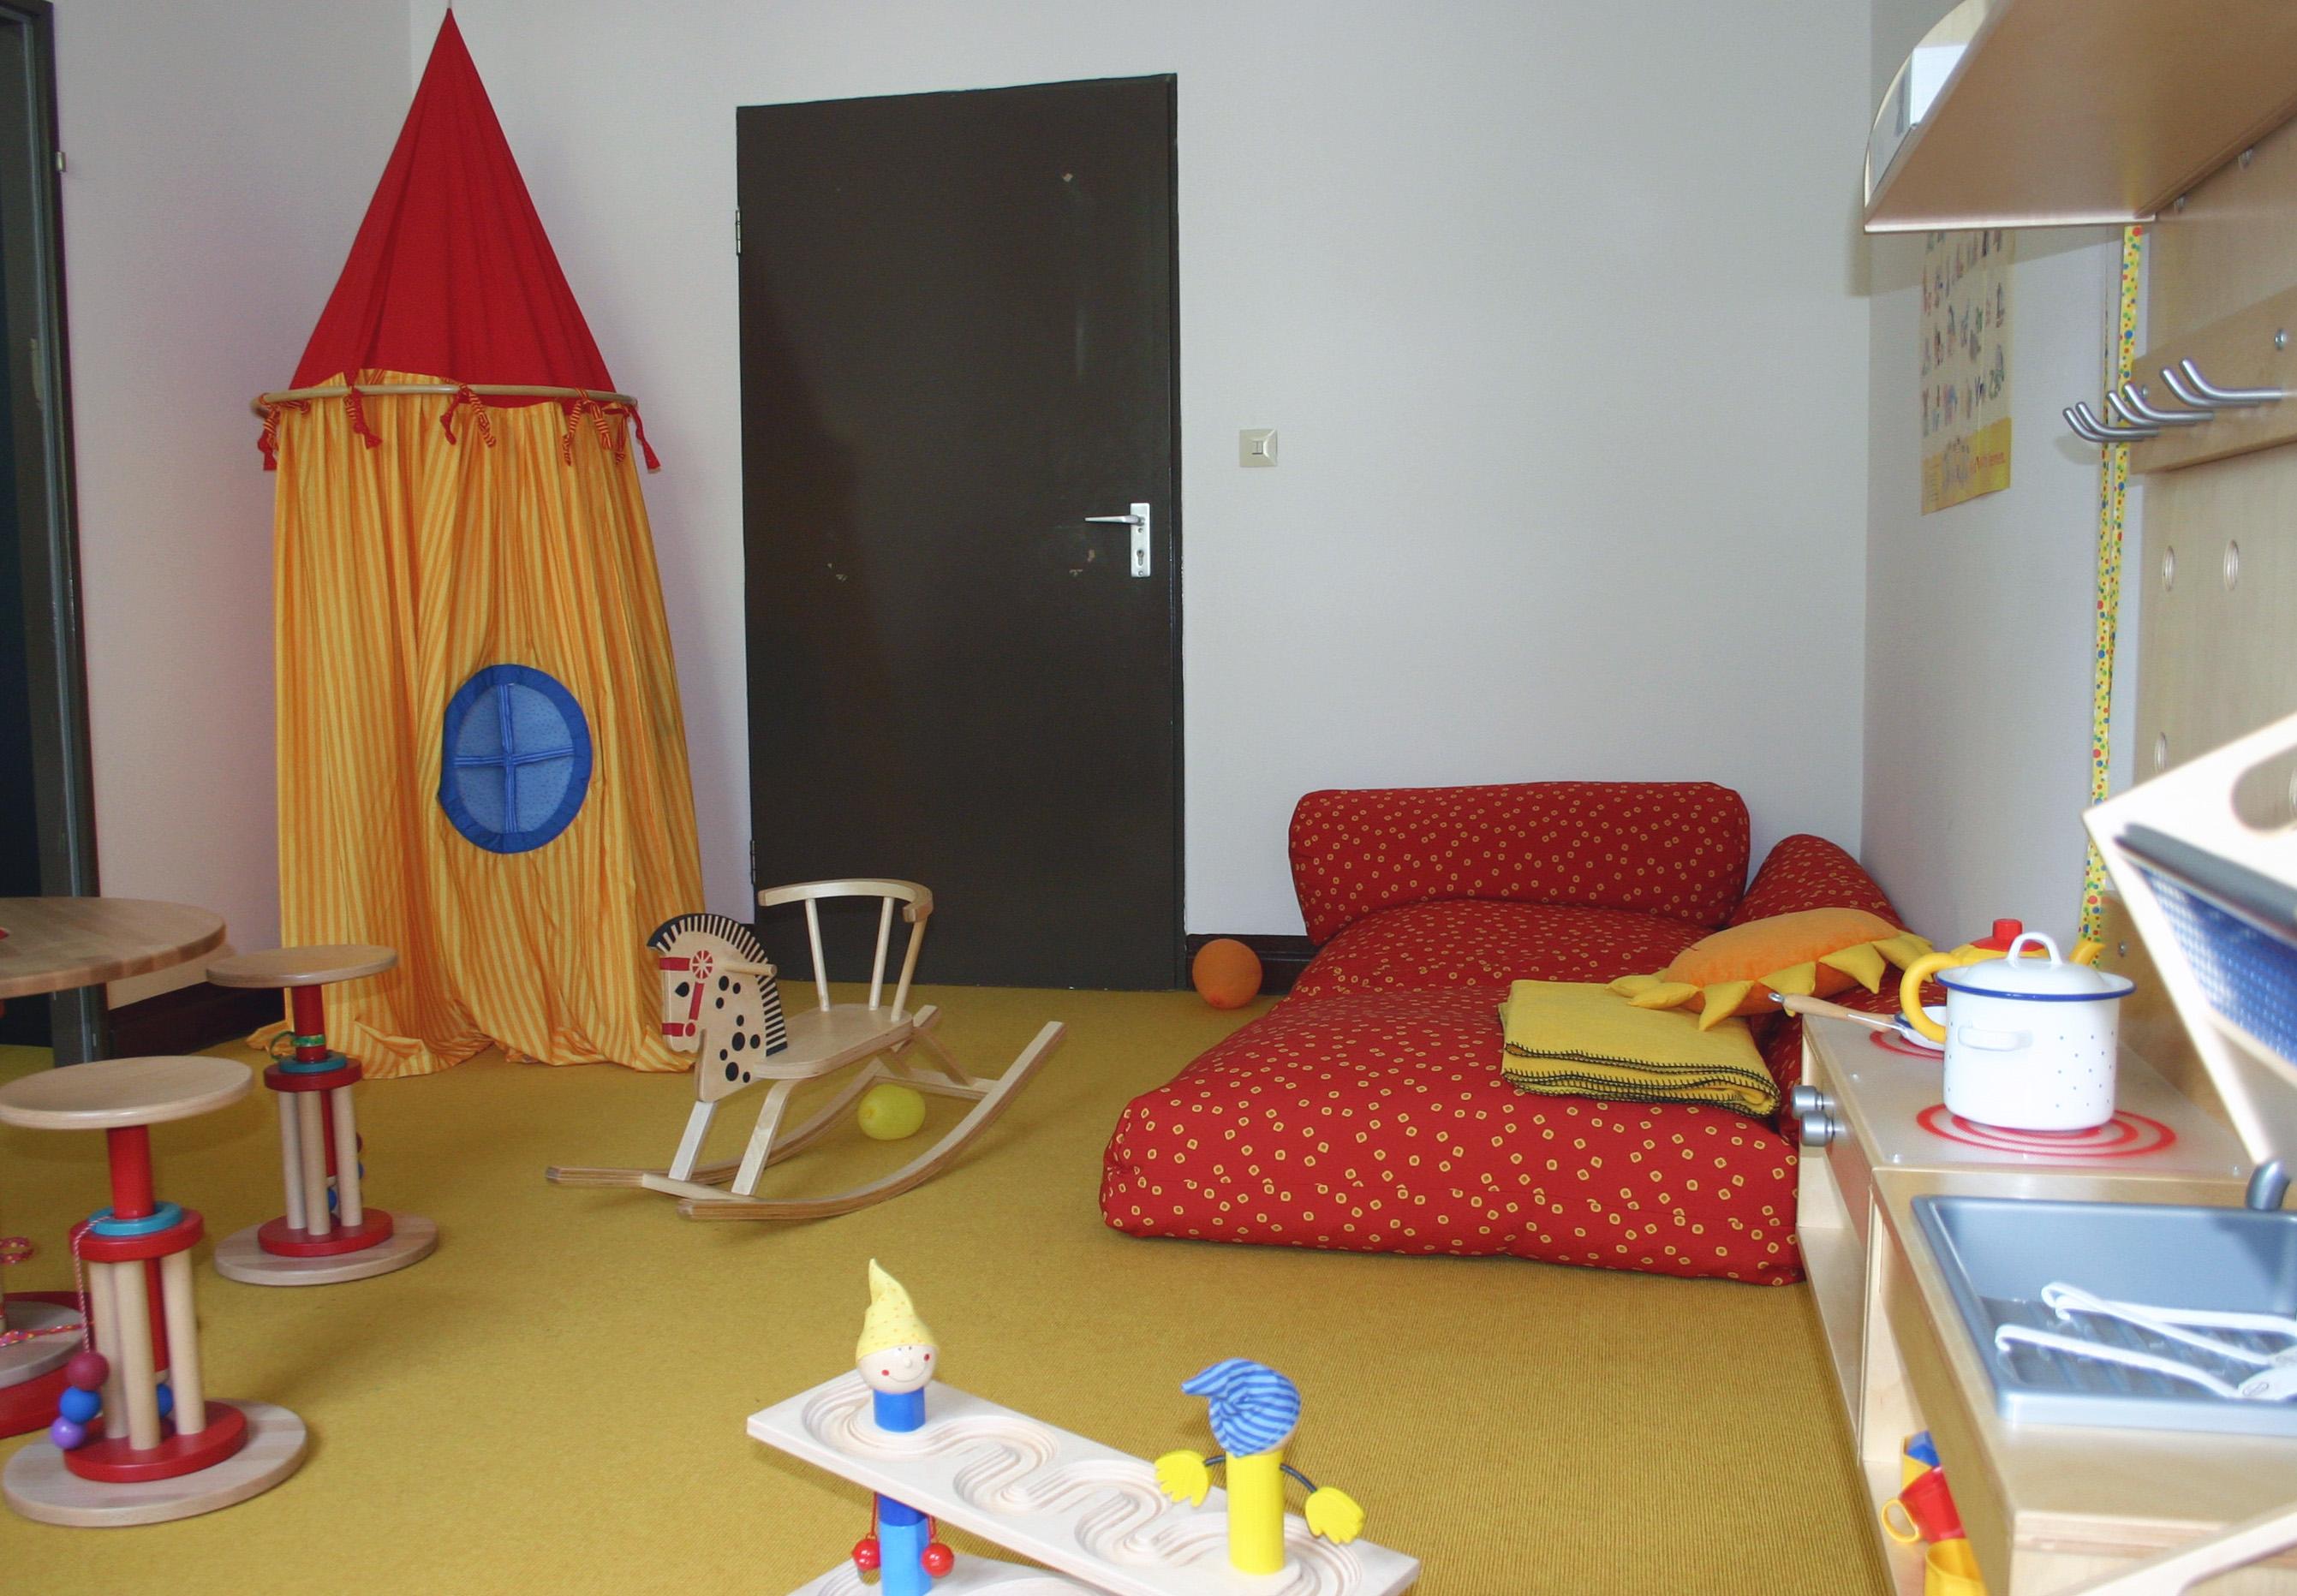 kleinkind zimmer kleinkind zimmer gestalten ideen f r m dchen kinderzimmer zur einrichtung und. Black Bedroom Furniture Sets. Home Design Ideas